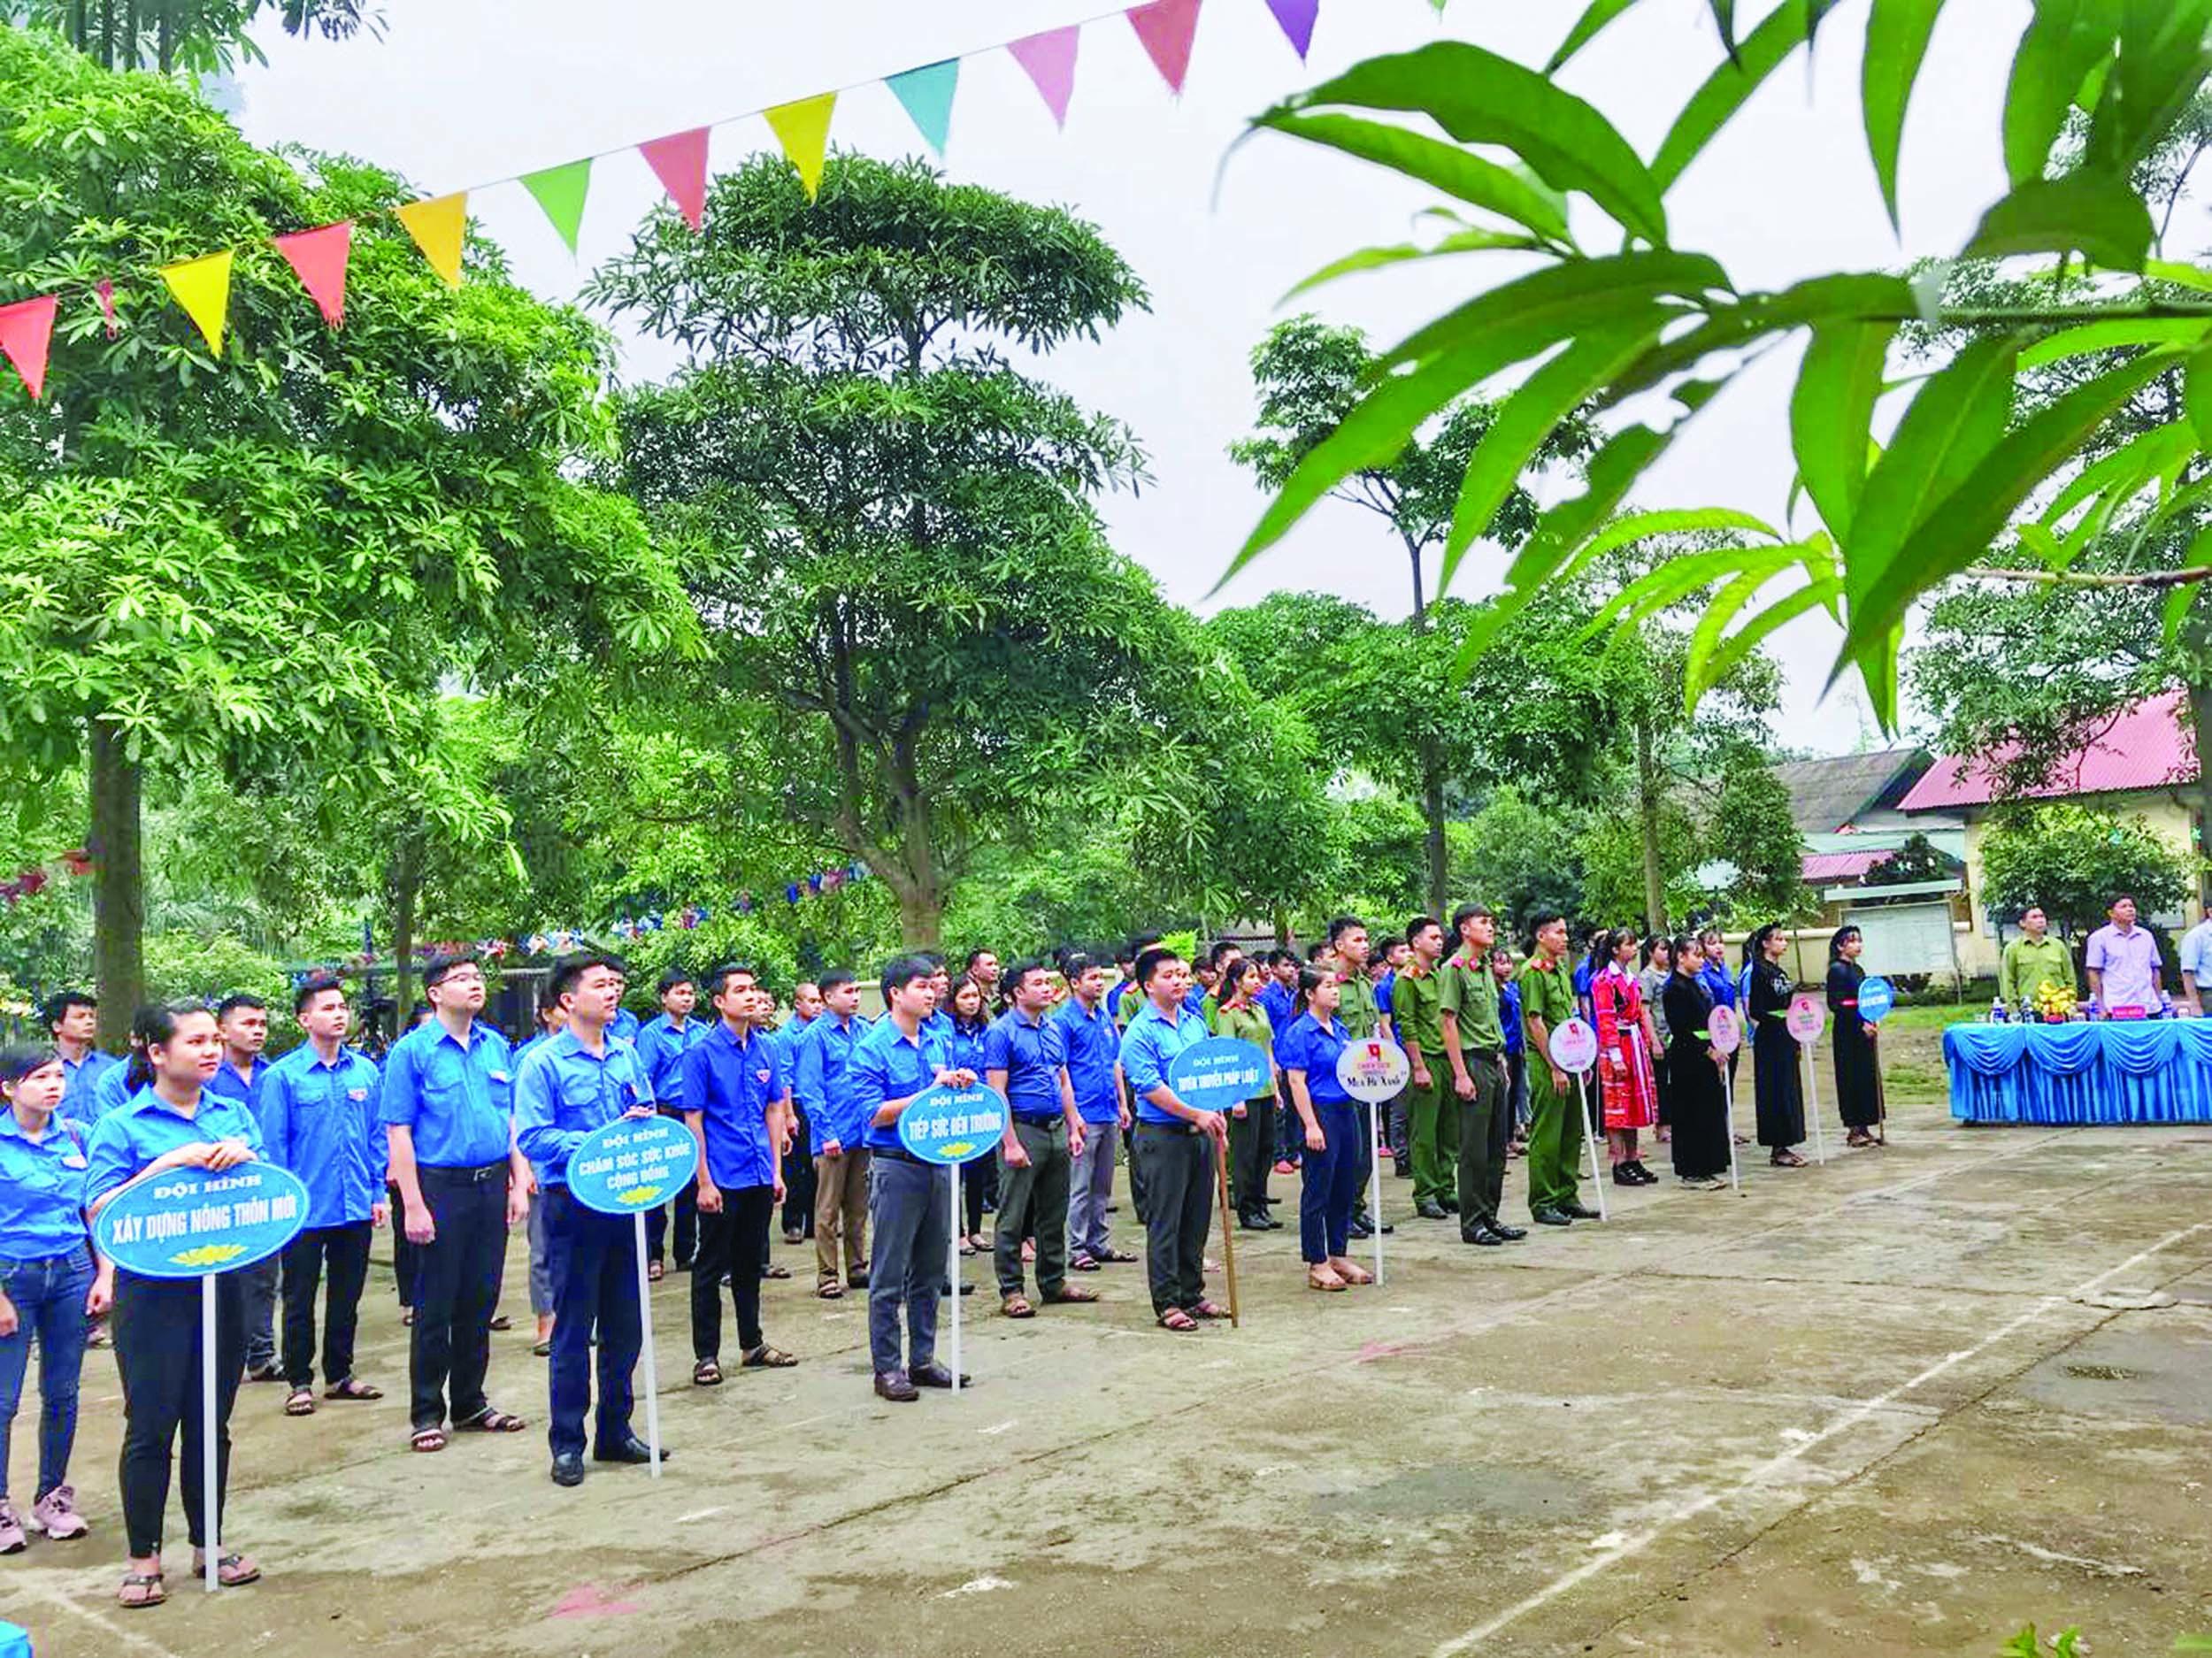 Huyện đoàn Lâm Bình tỉnh Tuyên Quang ra quân bảo vệ môi trường ngày 4/6/2019.